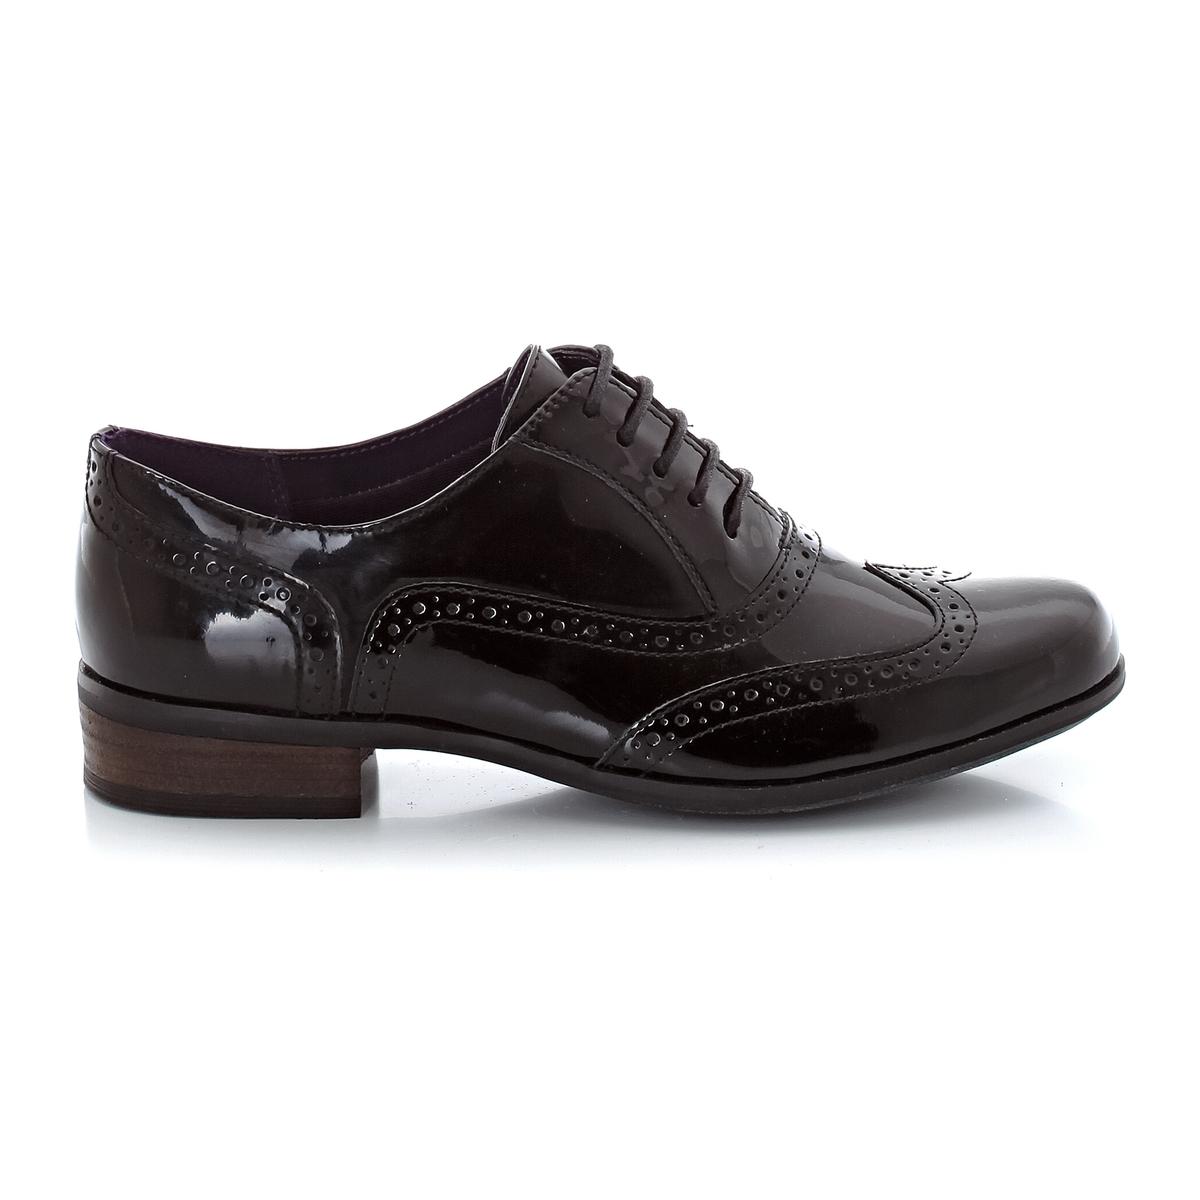 Ботинки-дерби из лакированной кожи, на шнуровке и небольшом каблуке